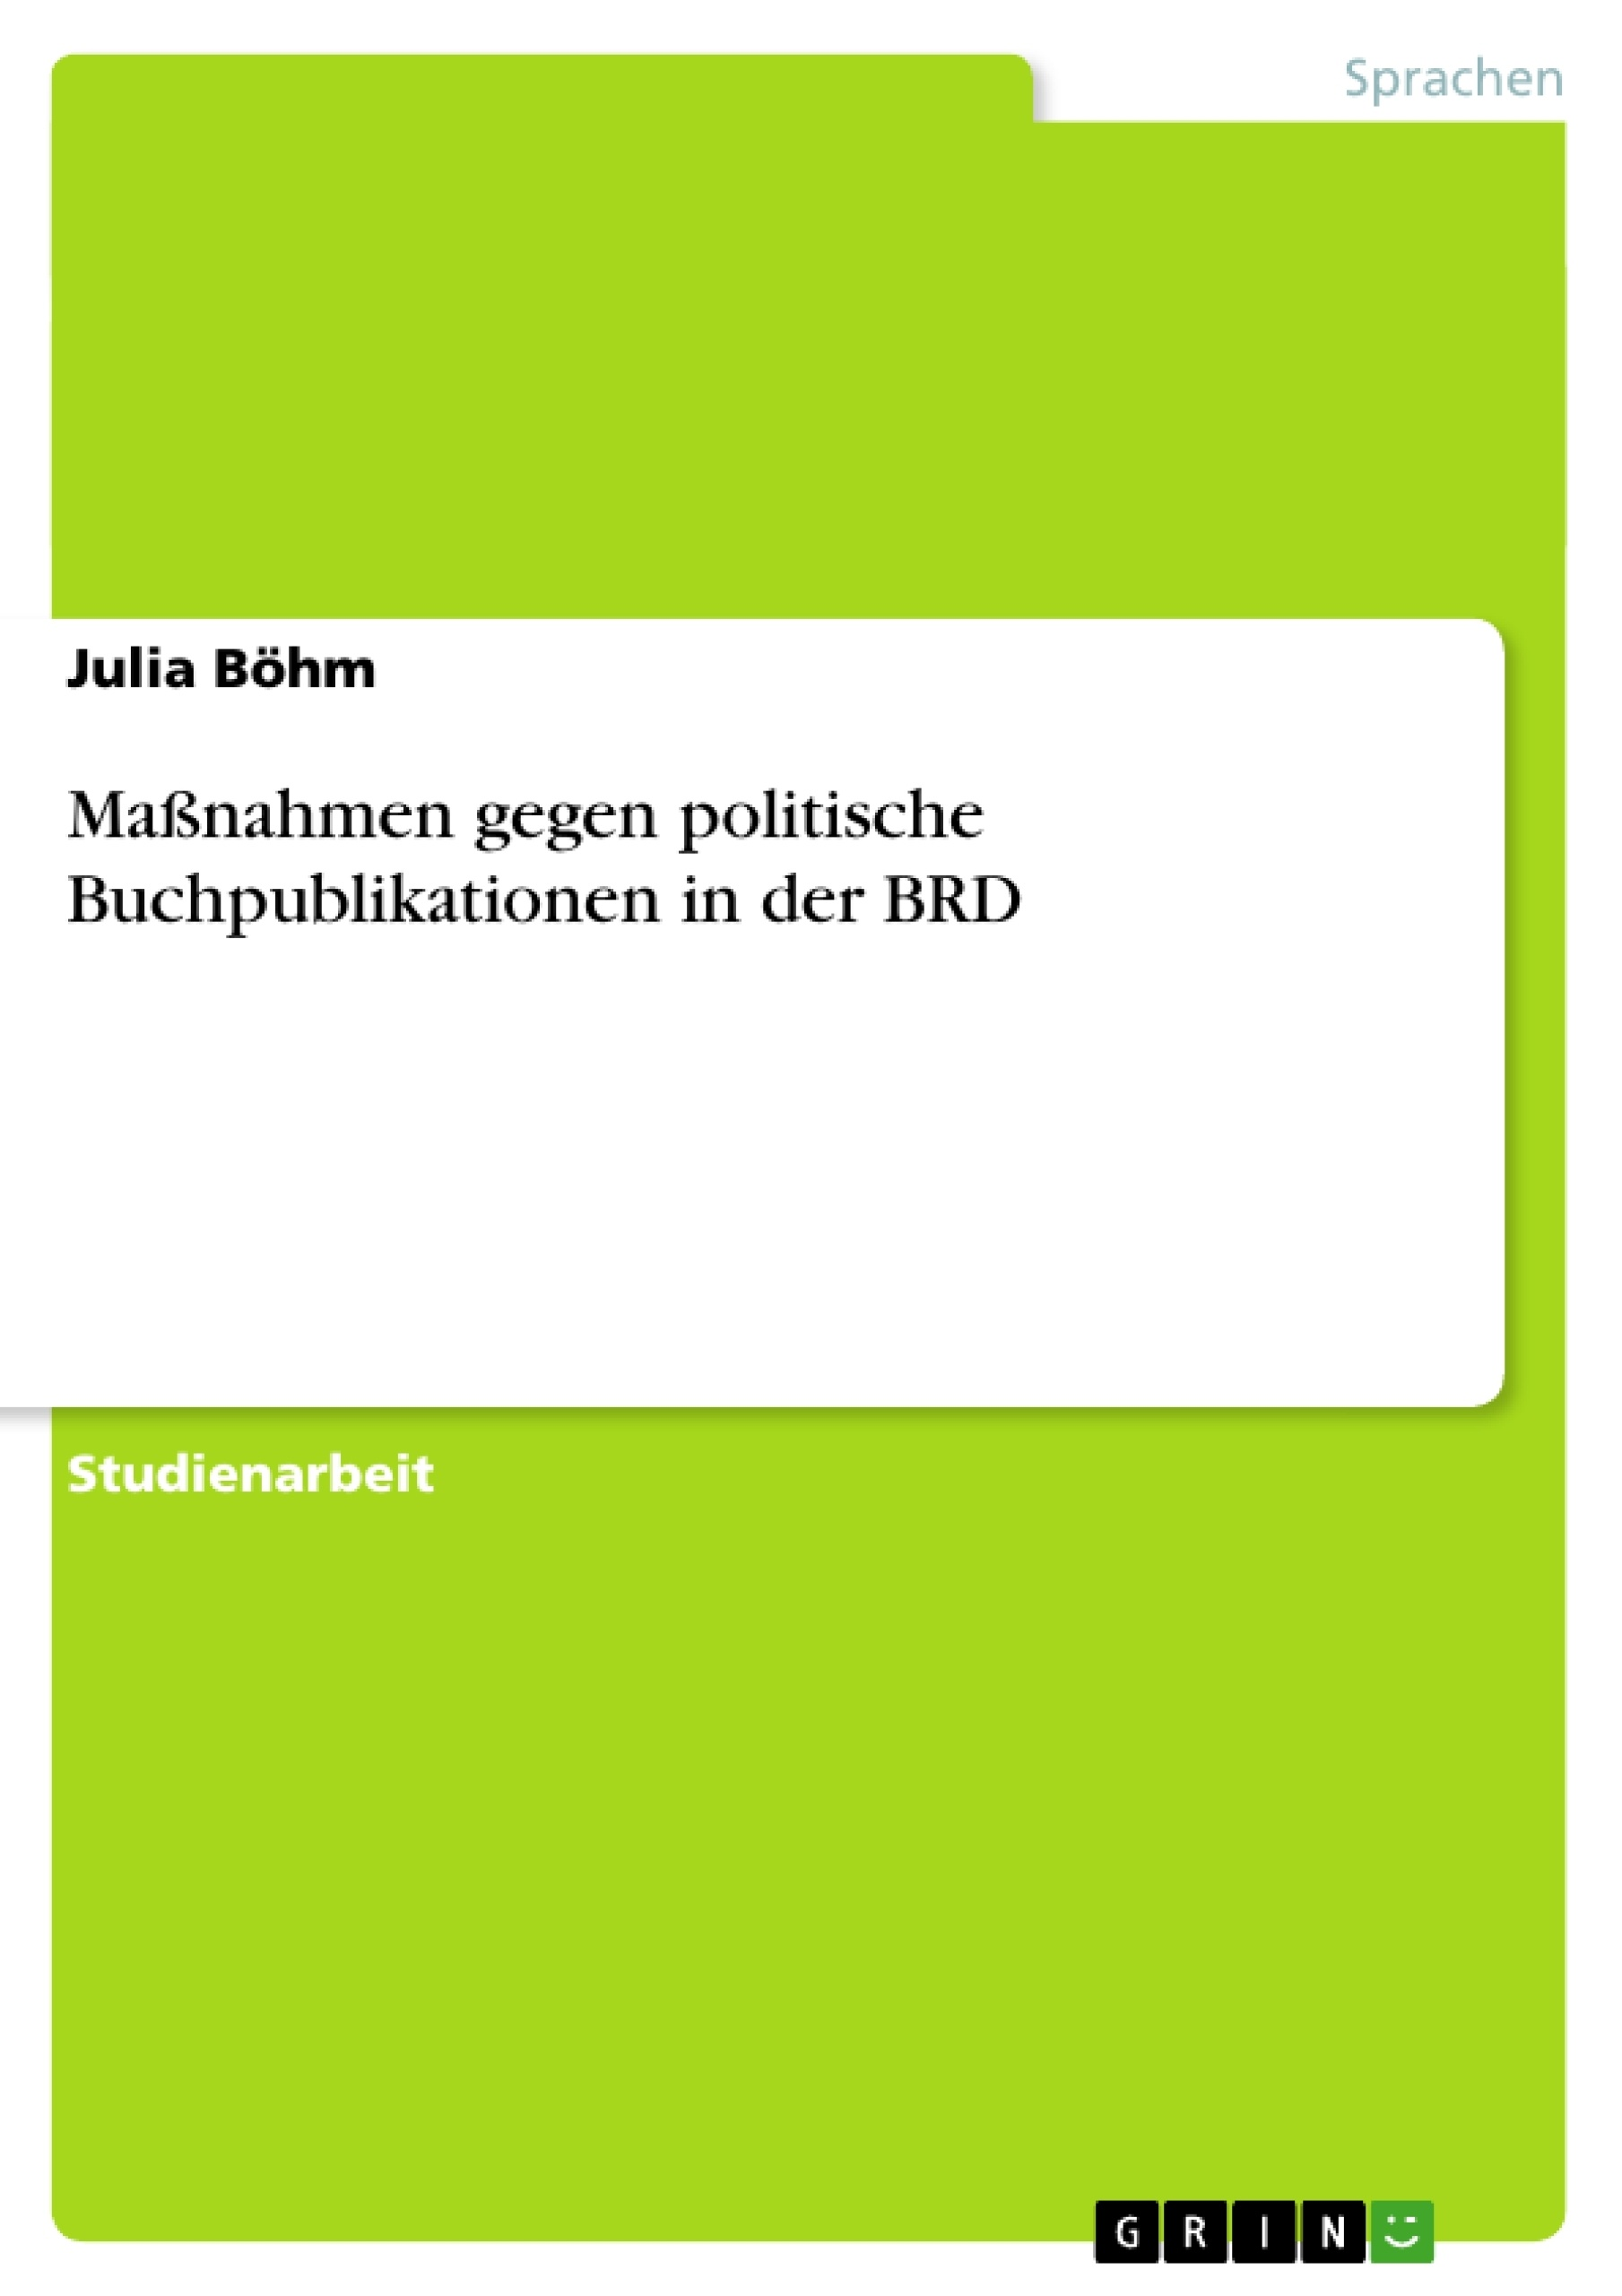 Titel: Maßnahmen gegen politische Buchpublikationen in der BRD